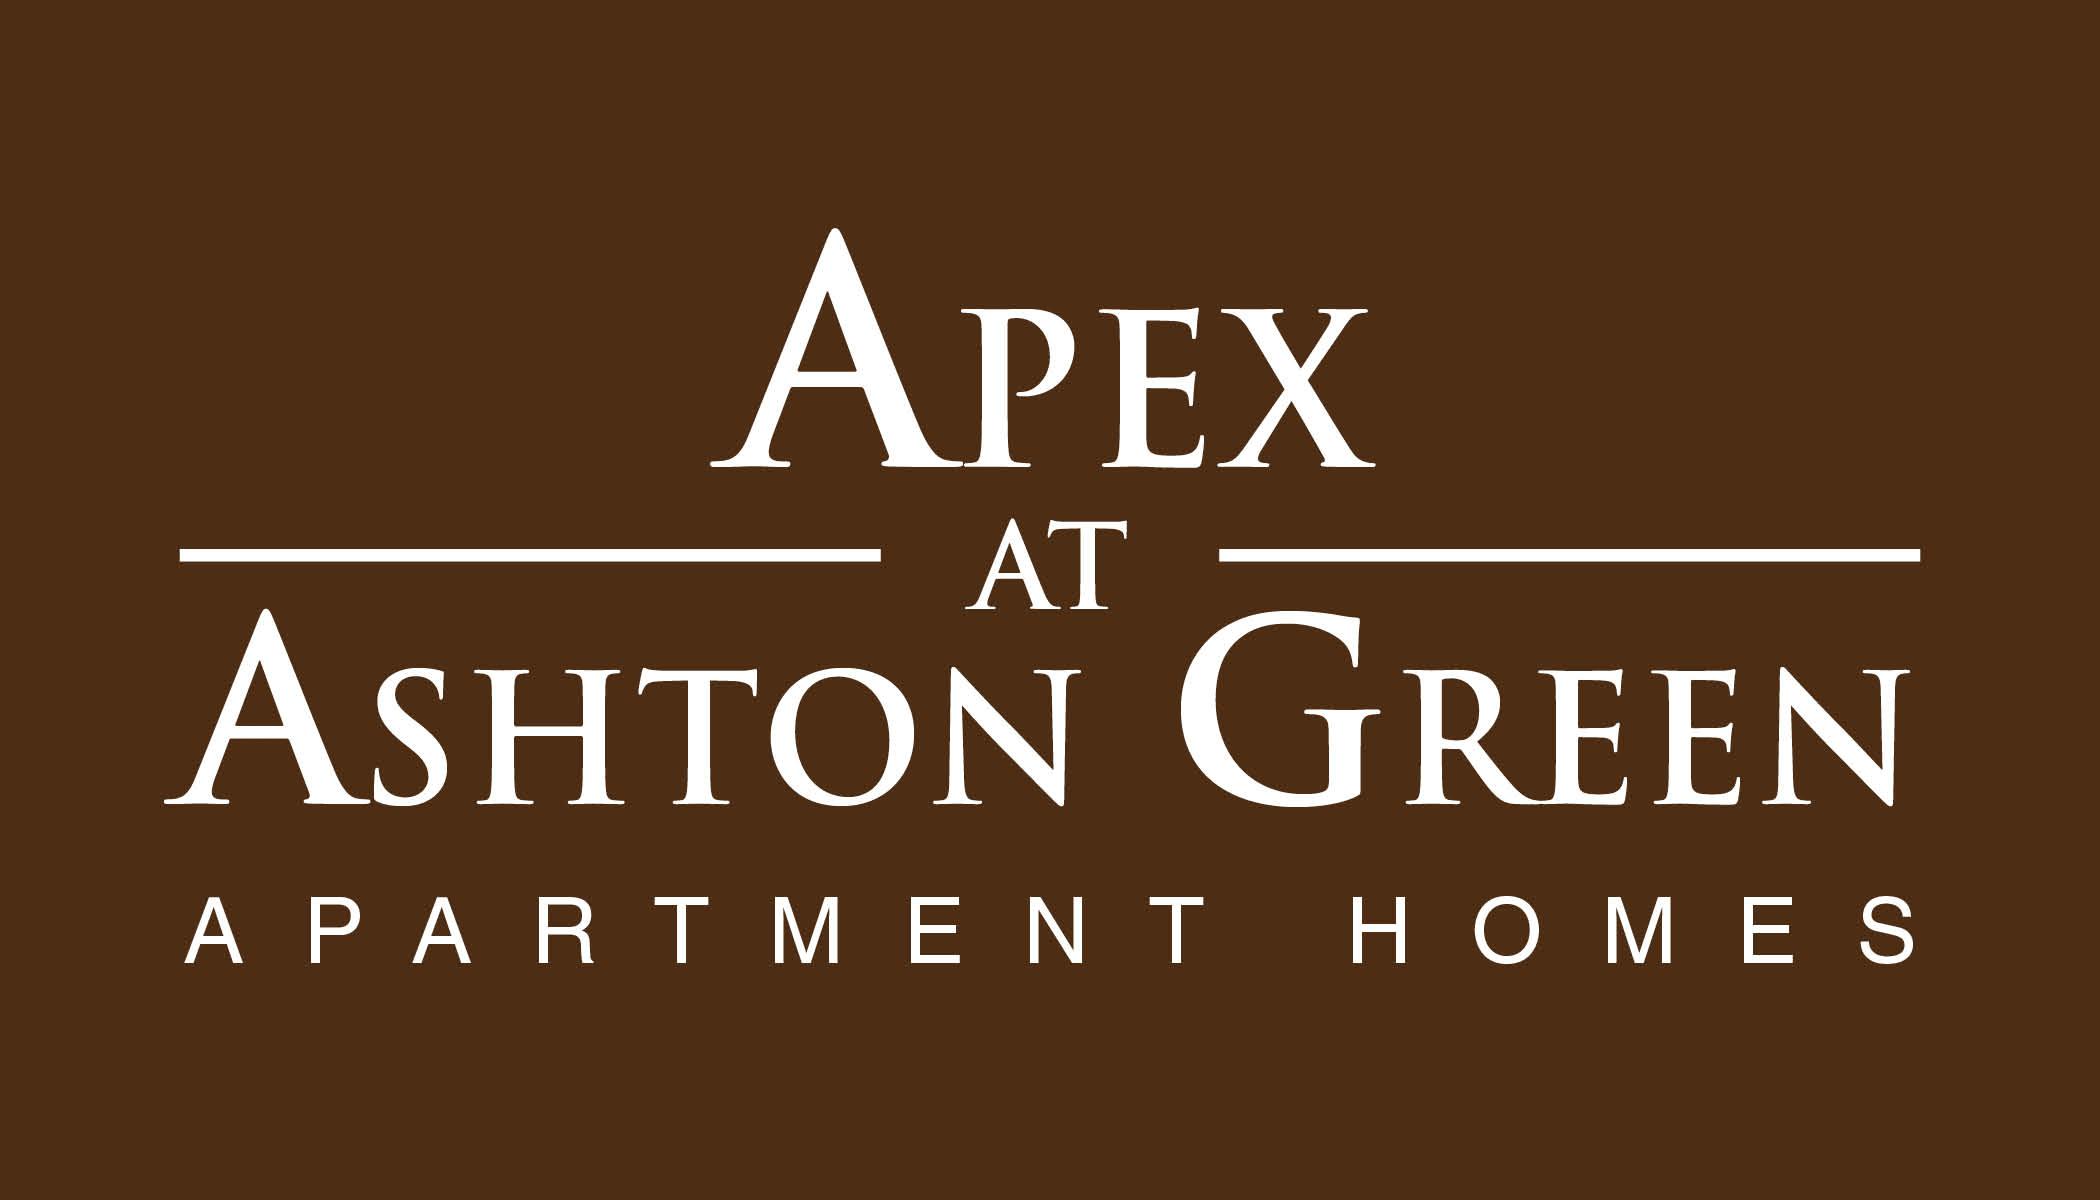 Apex at Ashton Green